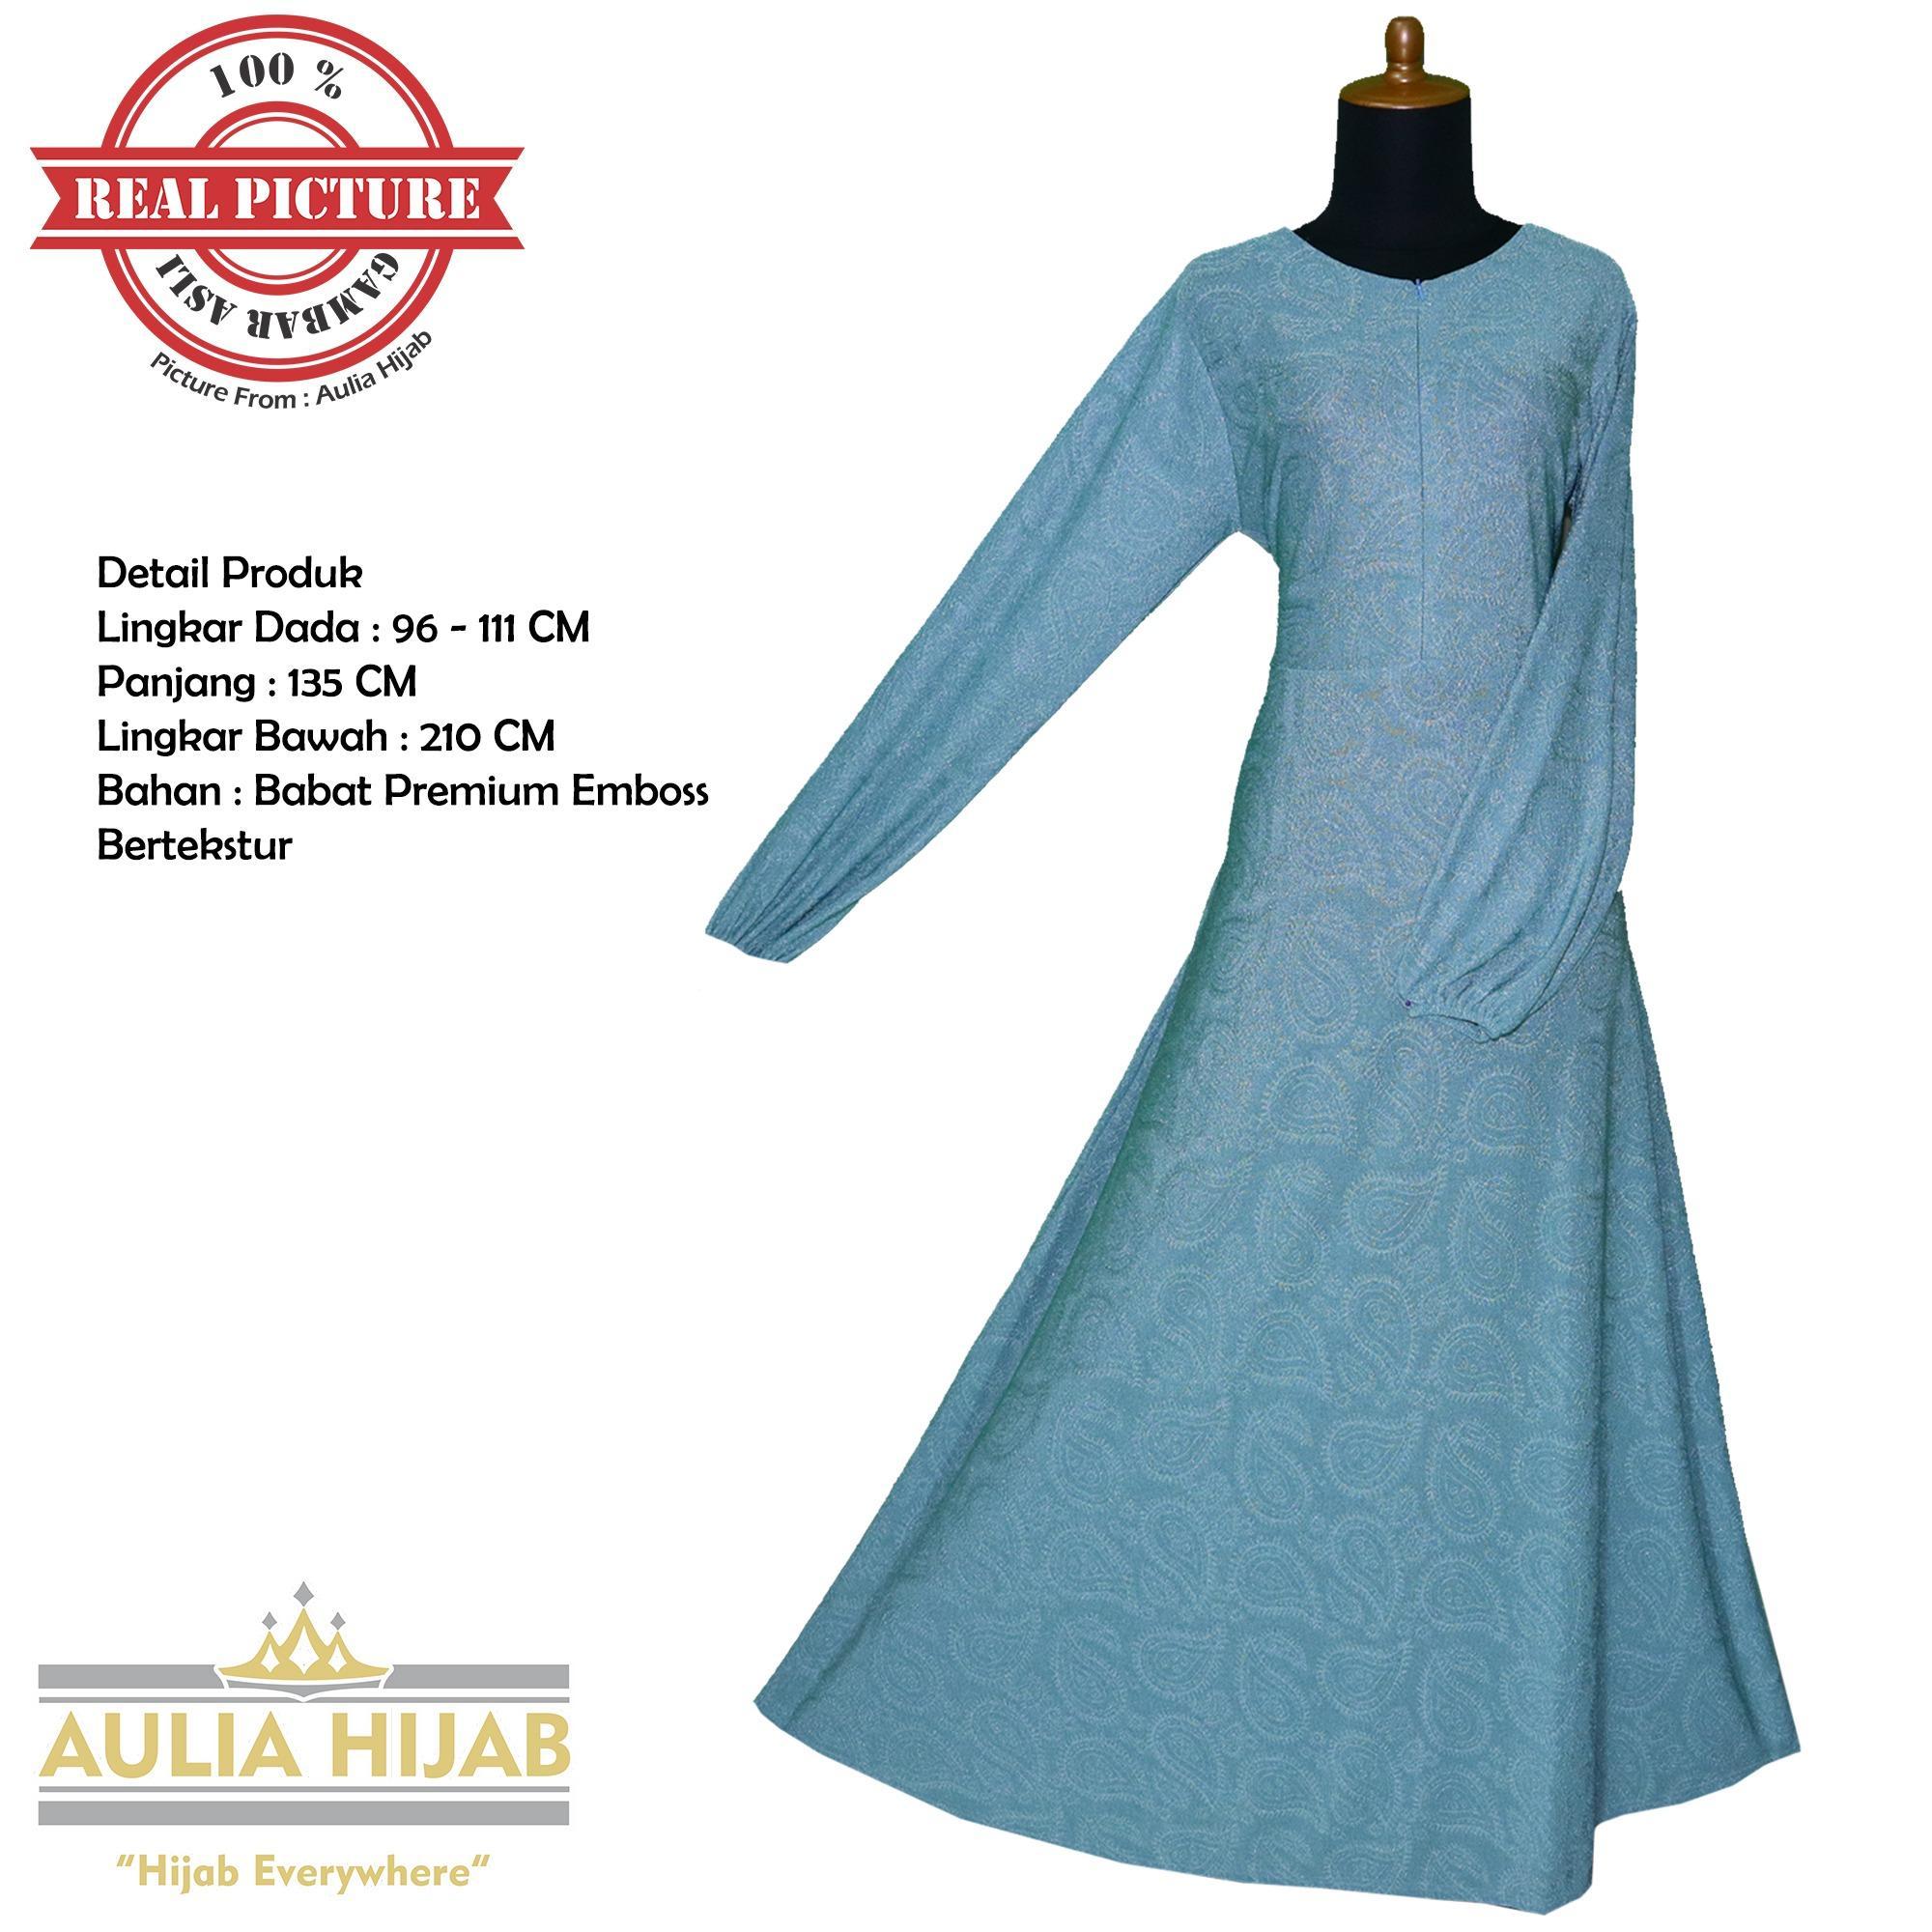 Aulia Hijab Premium - Gamis Siera Dress Bahan Babat Premium Emboss/Gamis Babat/Gamis Kaos/Gamis Premium/Gamis Murah/Gamis Cantik/Gamis Terbaru/Gamis Cantik/Gamis Terlaris/Gamis Syar'i/GAmis Santai/GAmis Pesta/Gamis Pesta